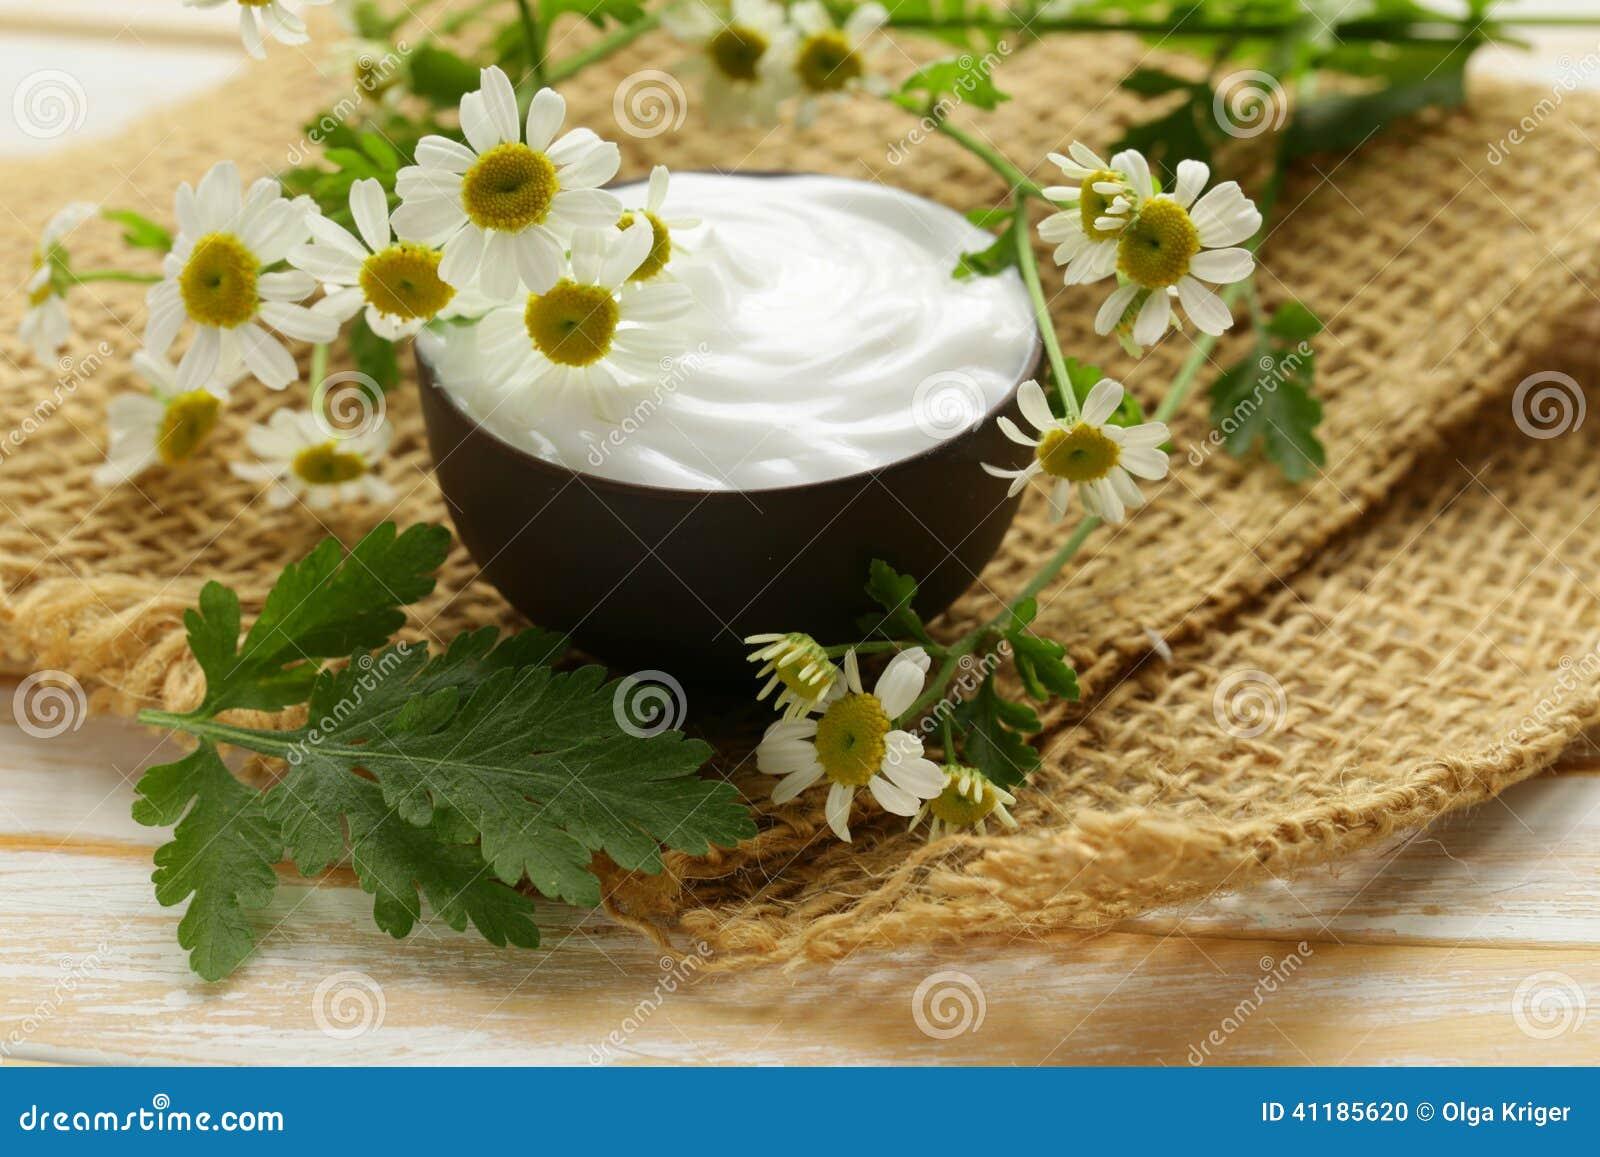 Natürliche kosmetische Sahnelotion mit Kamille